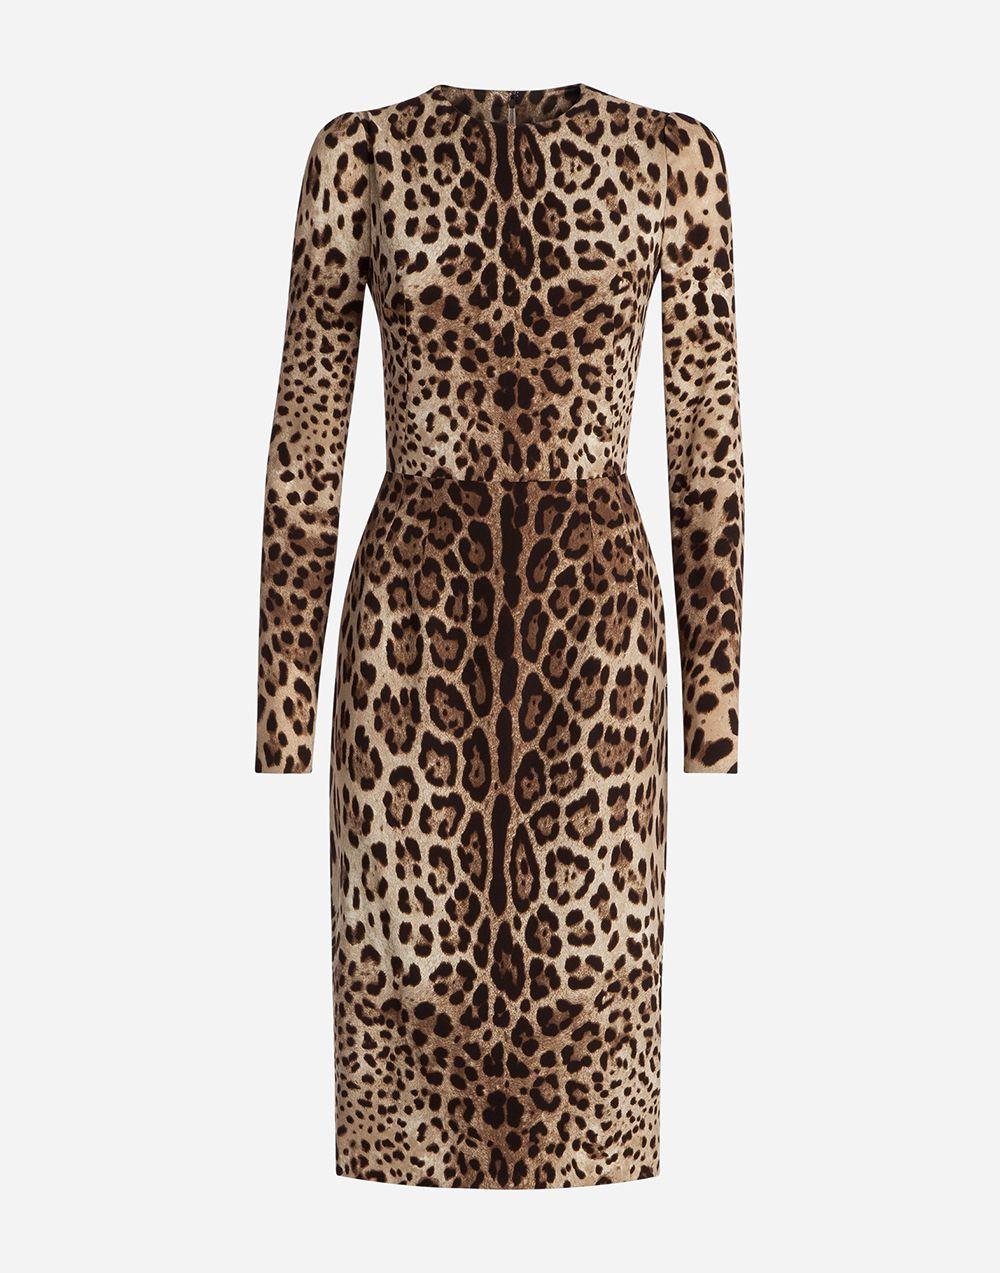 c9de0c9b40a5 Il vestito leopardato appena indossato da Ilary Blasi è